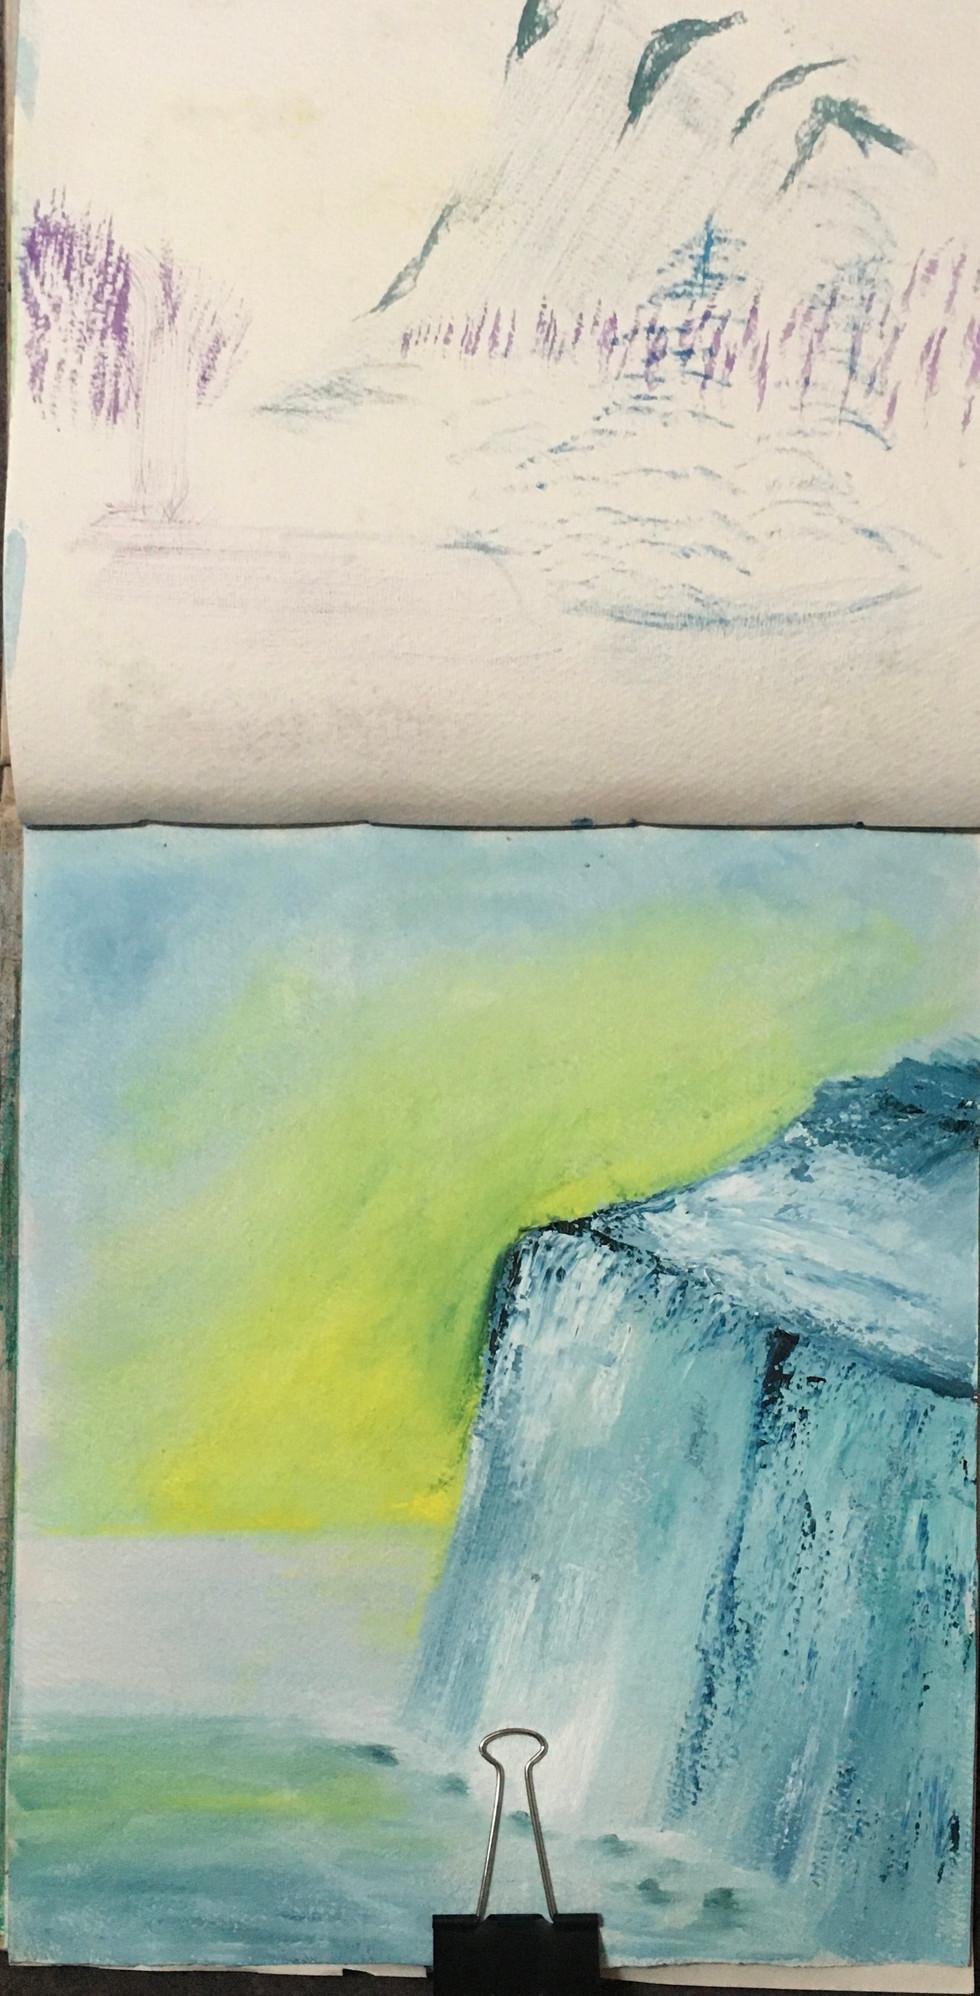 Oil Paint Studies - A3 Cotton